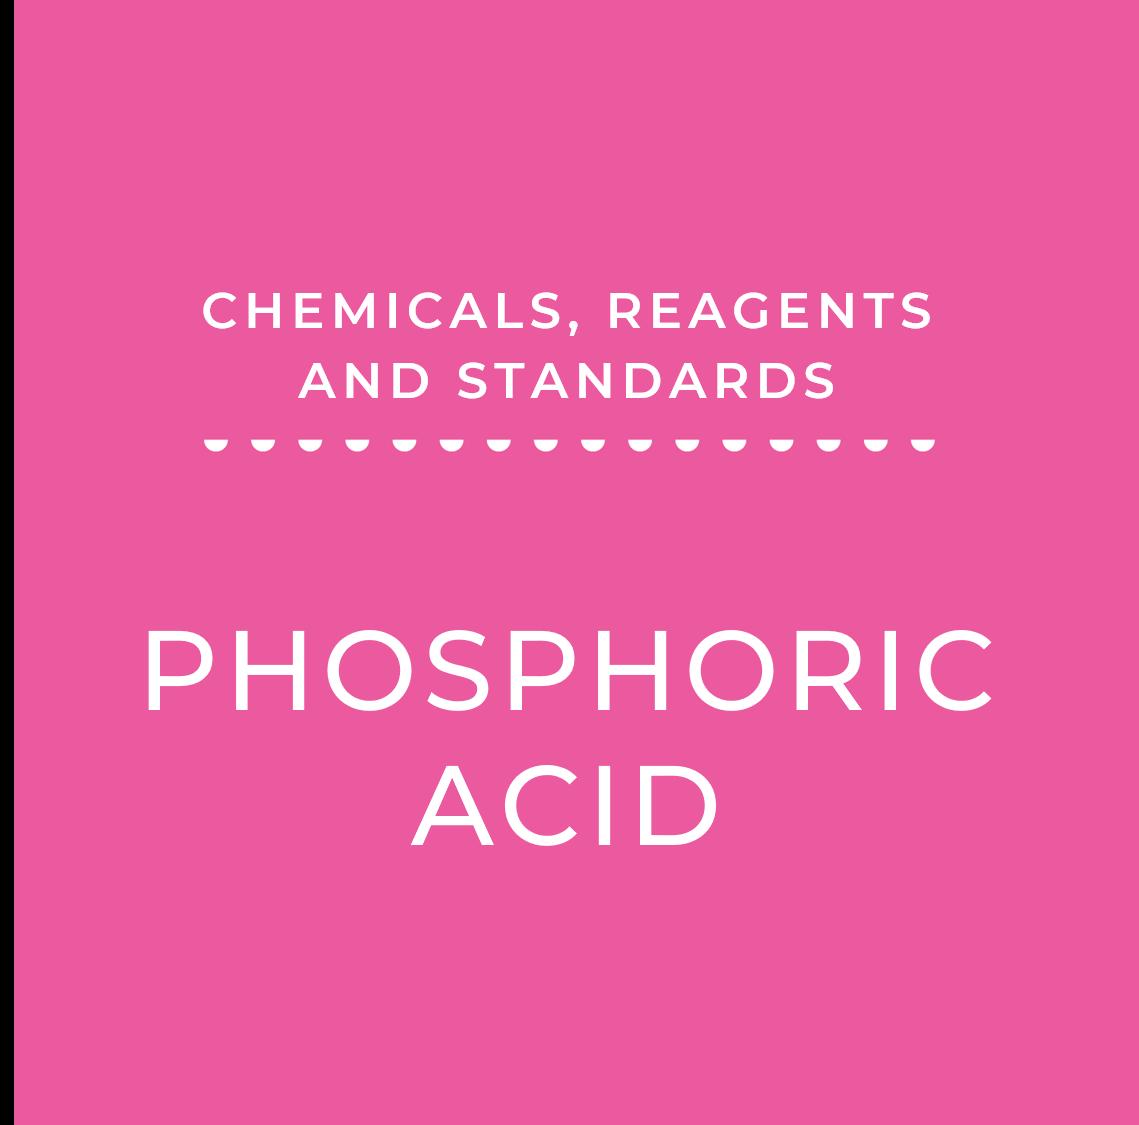 25% Phosphoric Acid